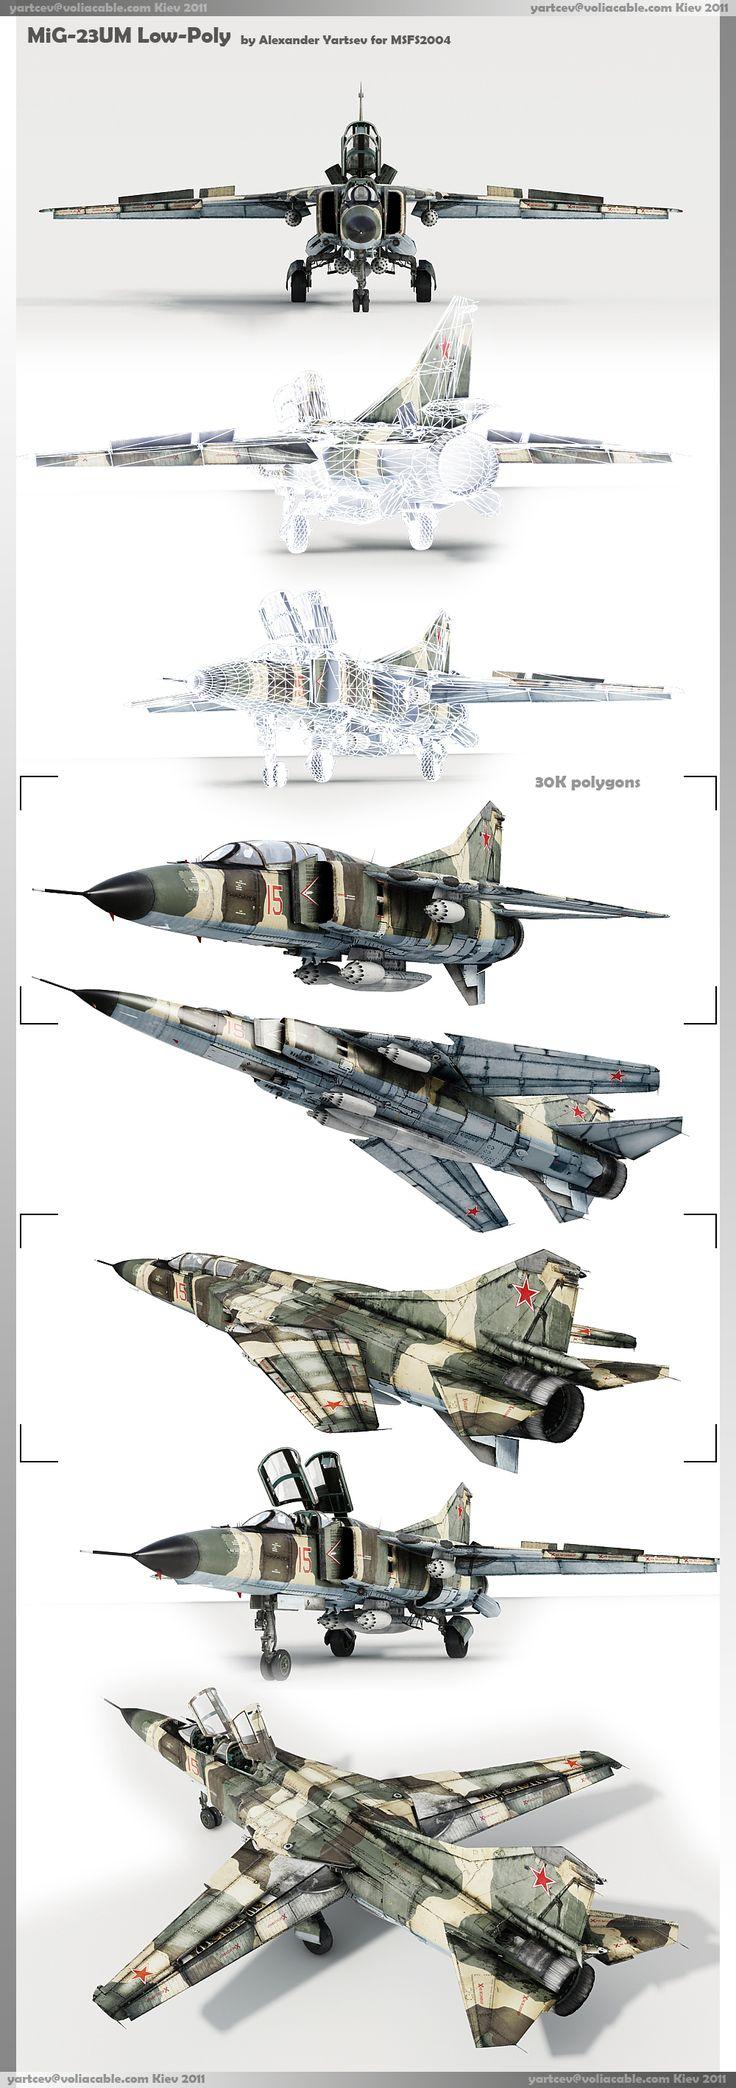 MiG-23UM low-poly